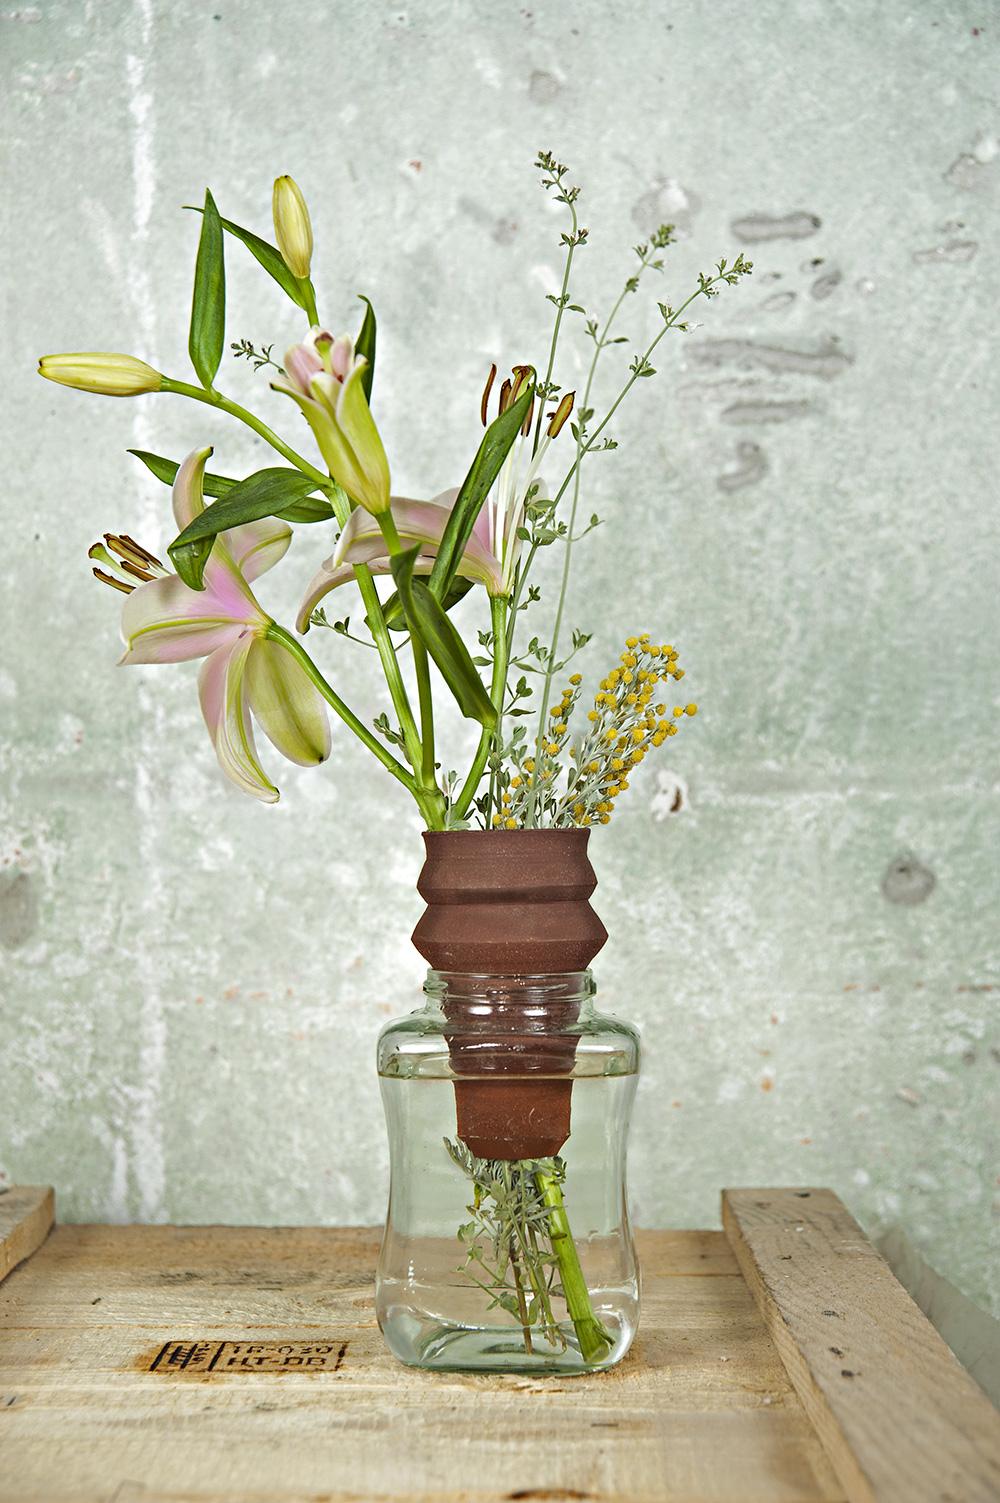 האגרטלים של הדר לוי. אובייקטים קרמיים ייחודיים מתלבשים על צנצנות הזכוכית הסטנדרטיות. צילומים: עדו אדן